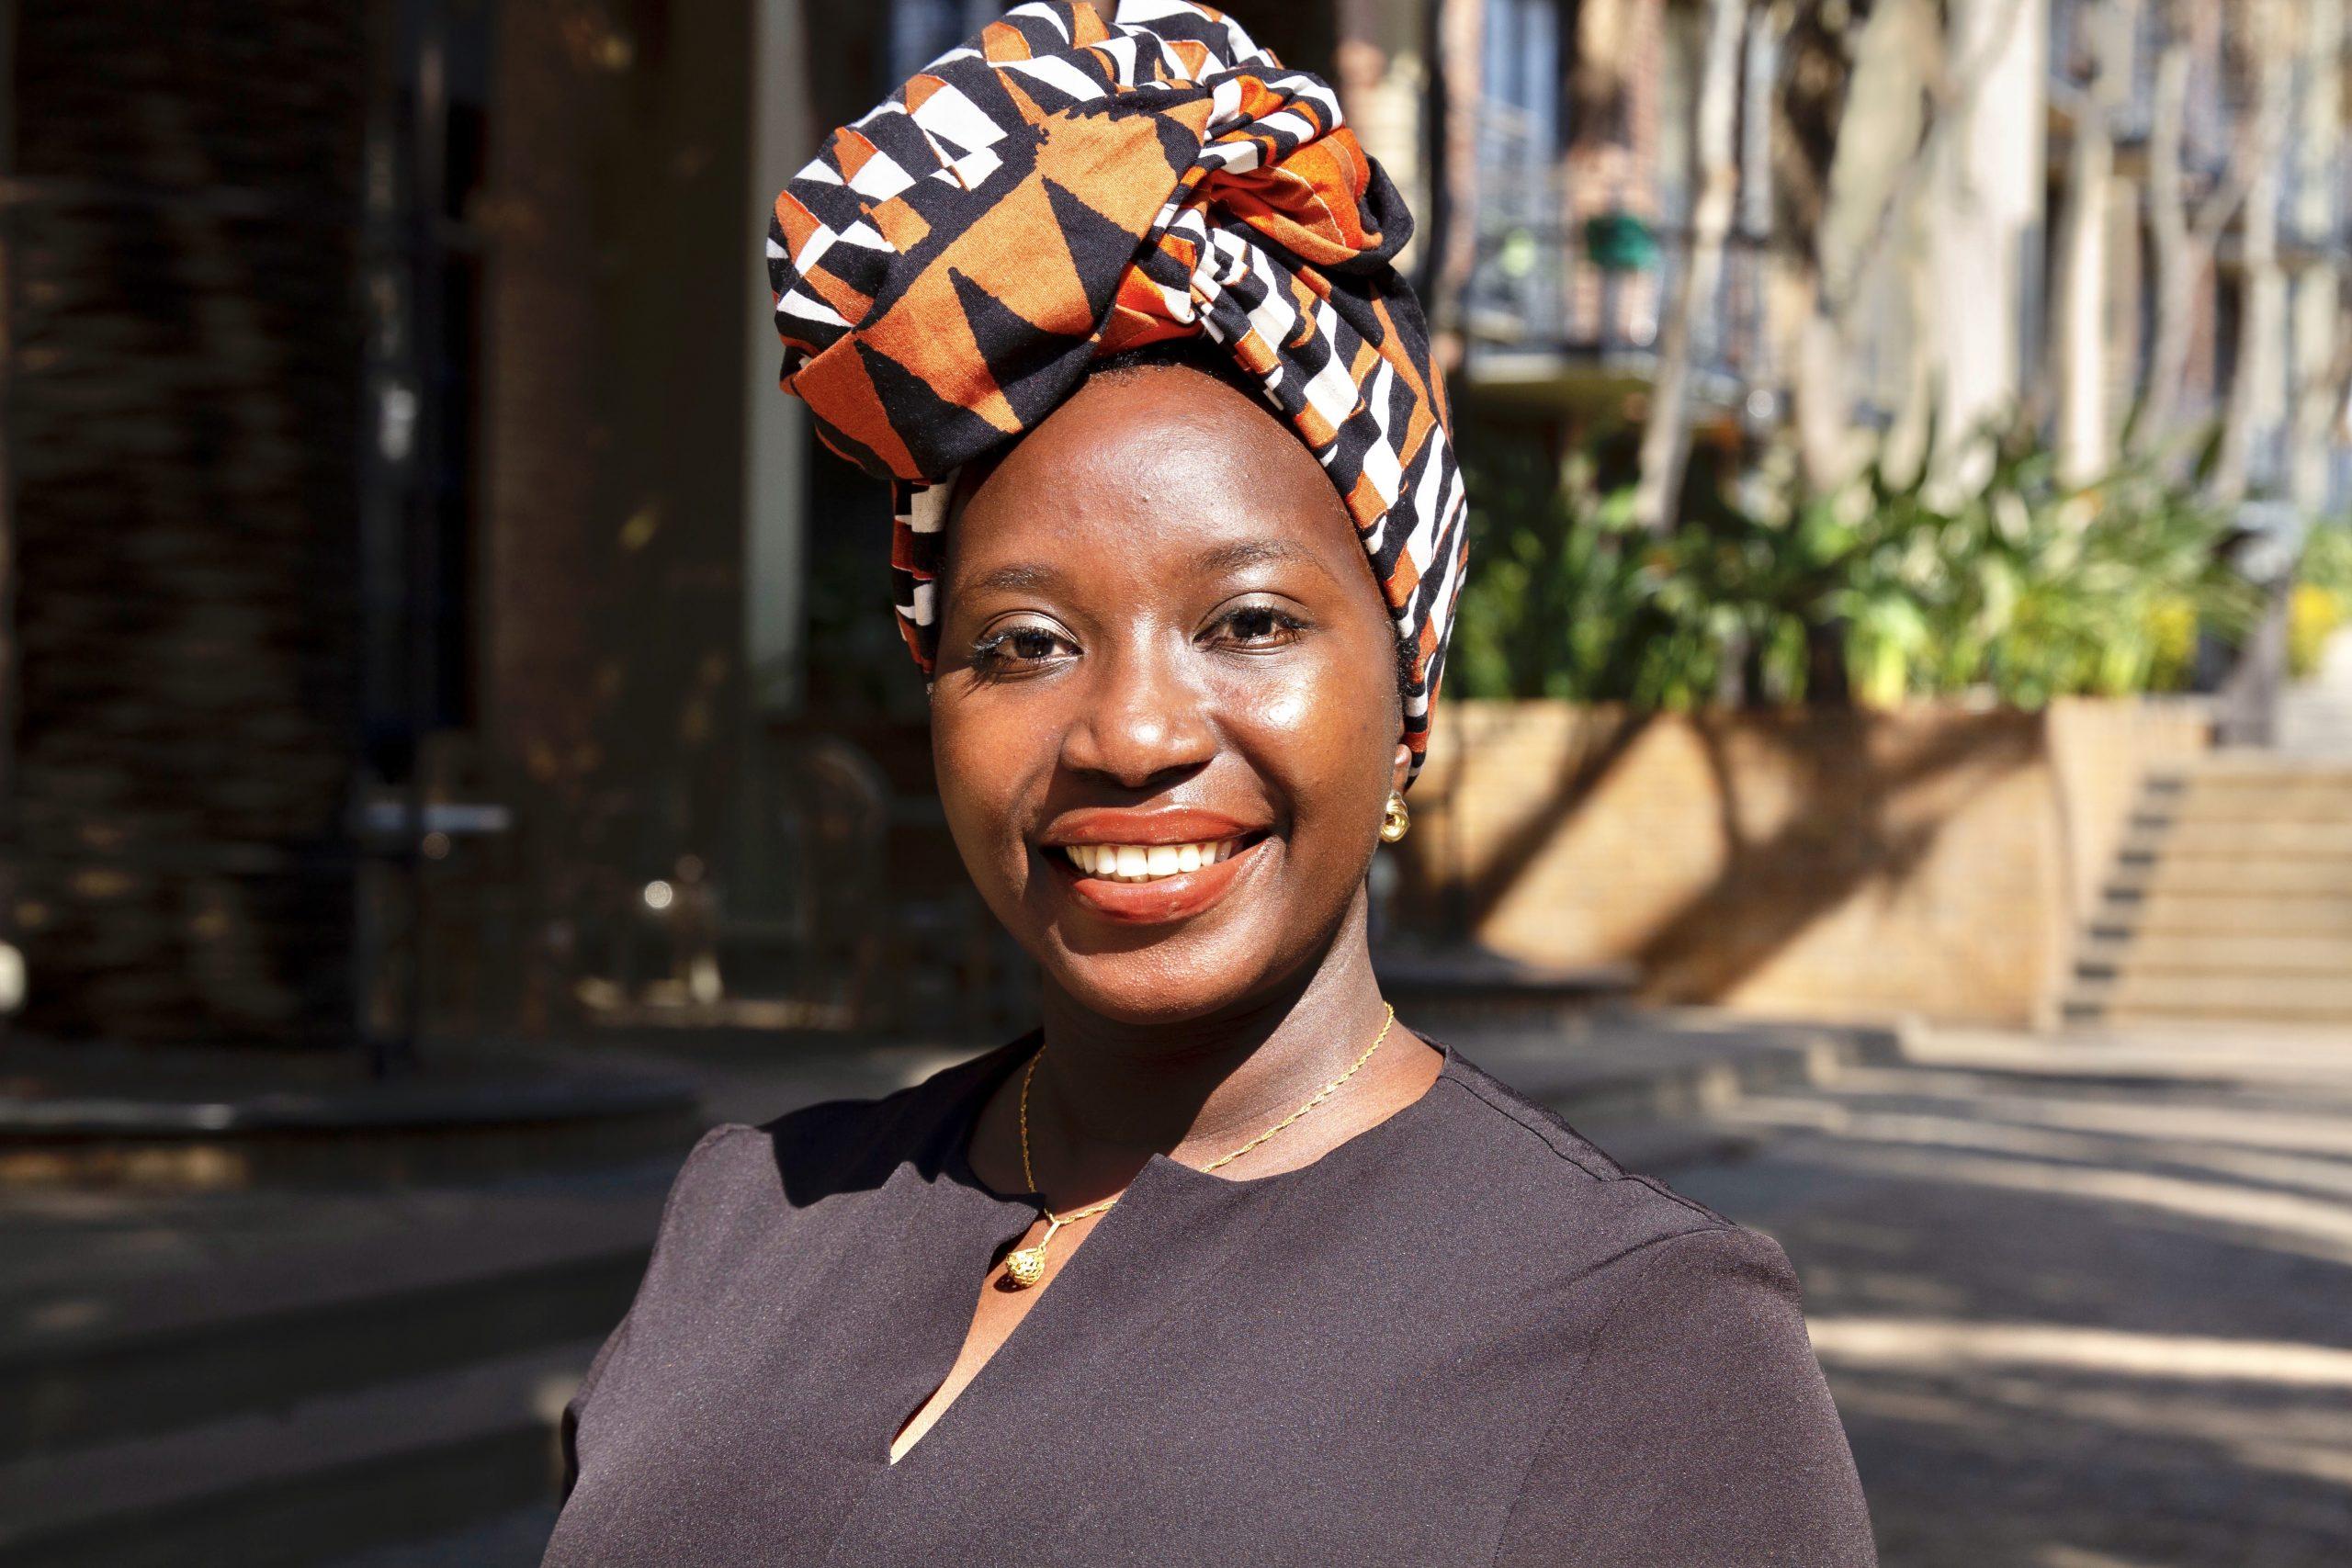 Chebet Chikumbu identifies as Pan-African